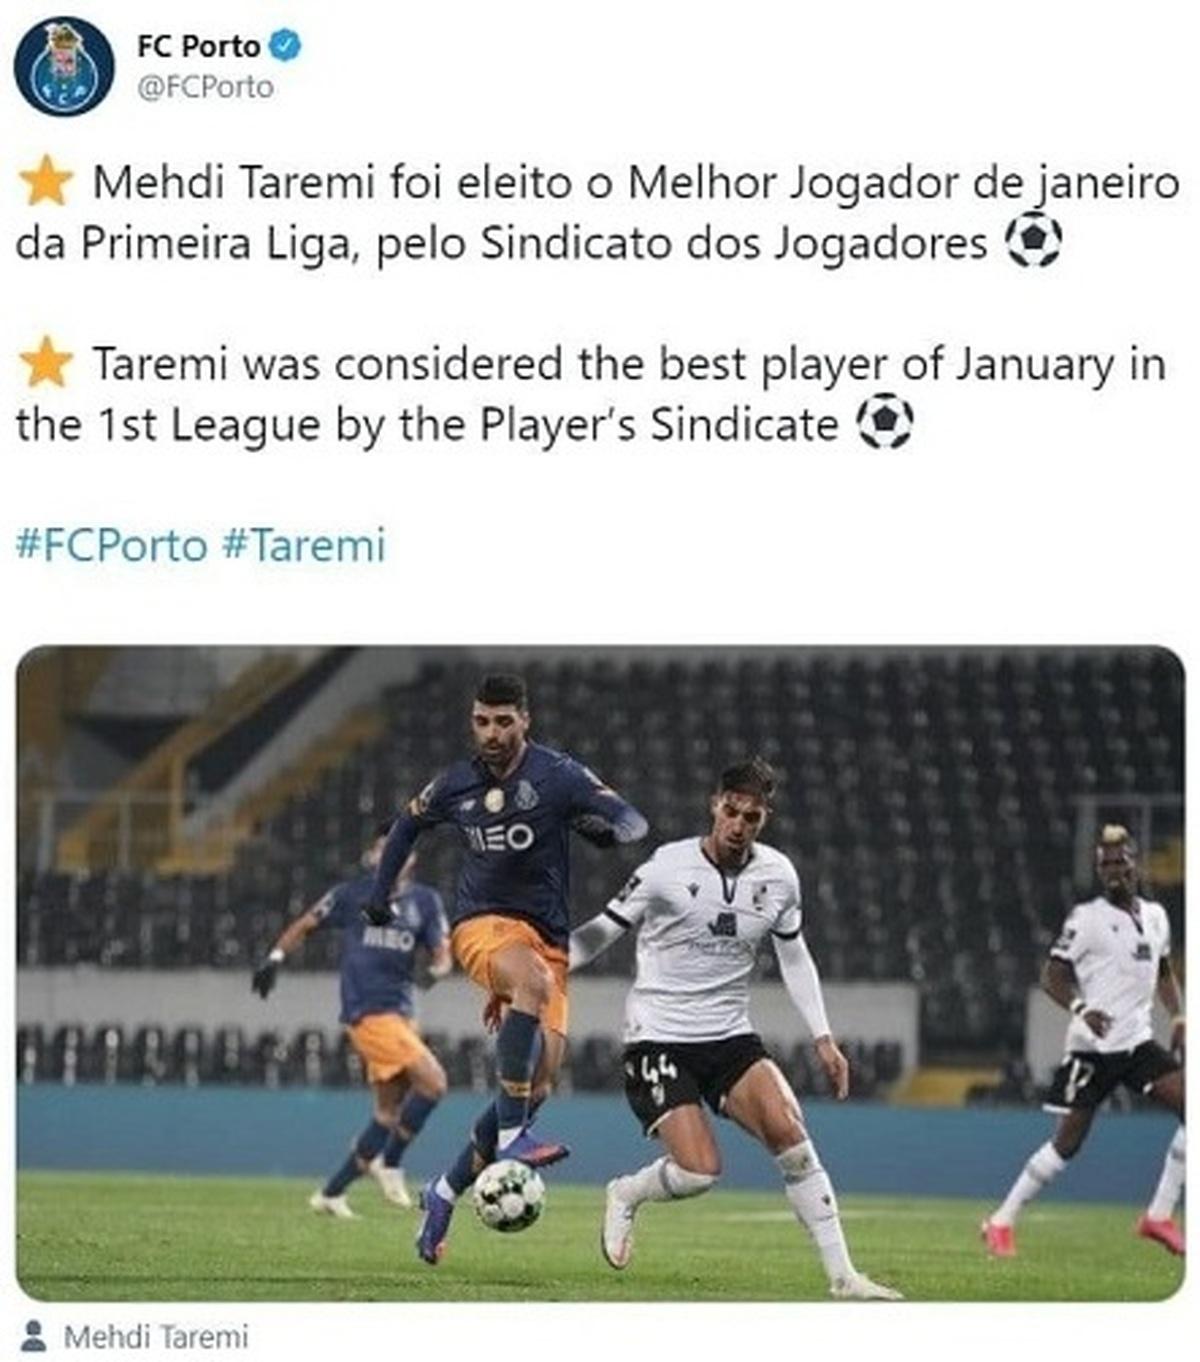 درخشش مهدی طارمی در لیگ پرتغال| بهترین بازیکن ماه لیگ پرتغال